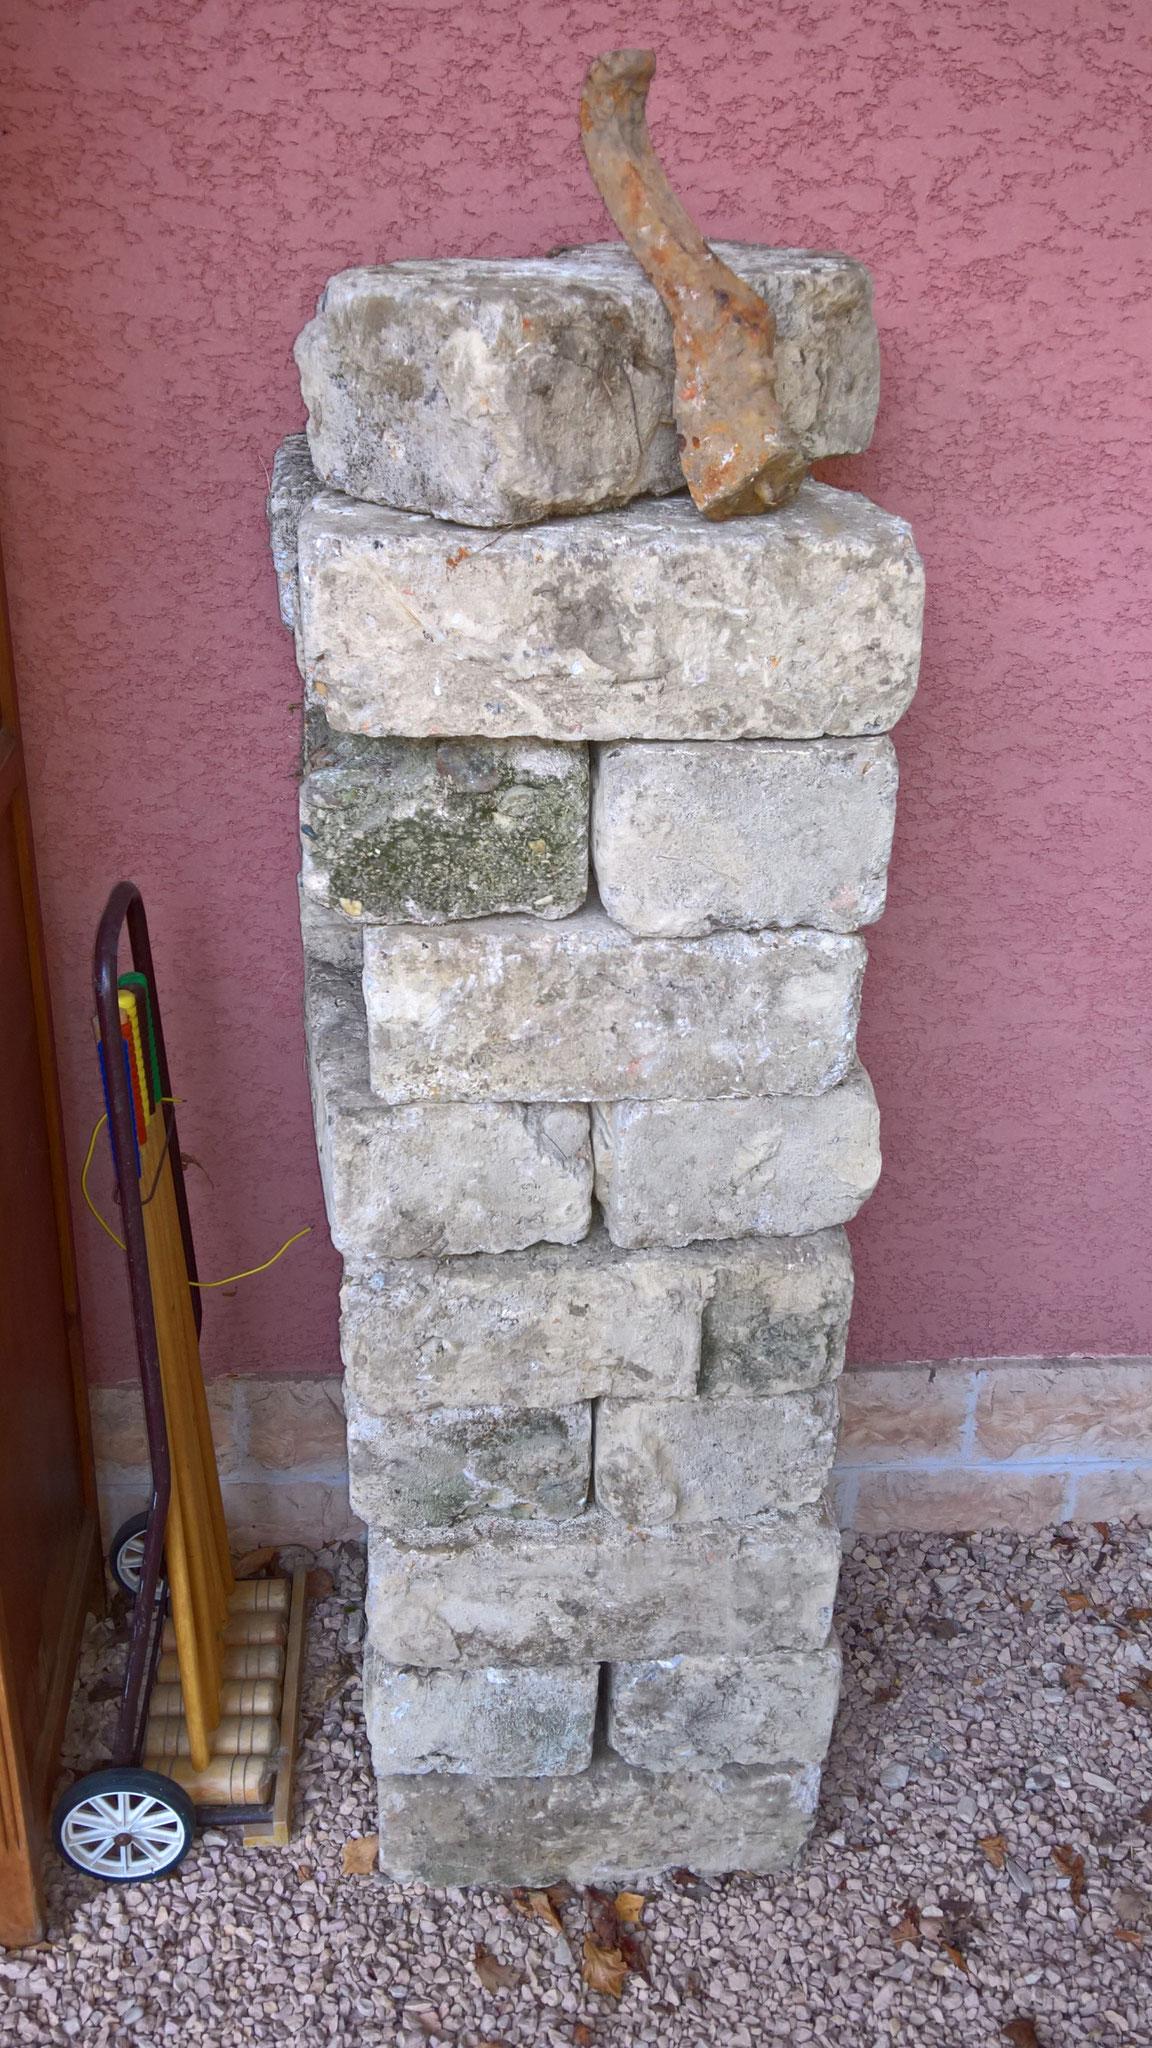 Gesammelte Steine für ... entweder Kräuterspirale oder Aussenküche